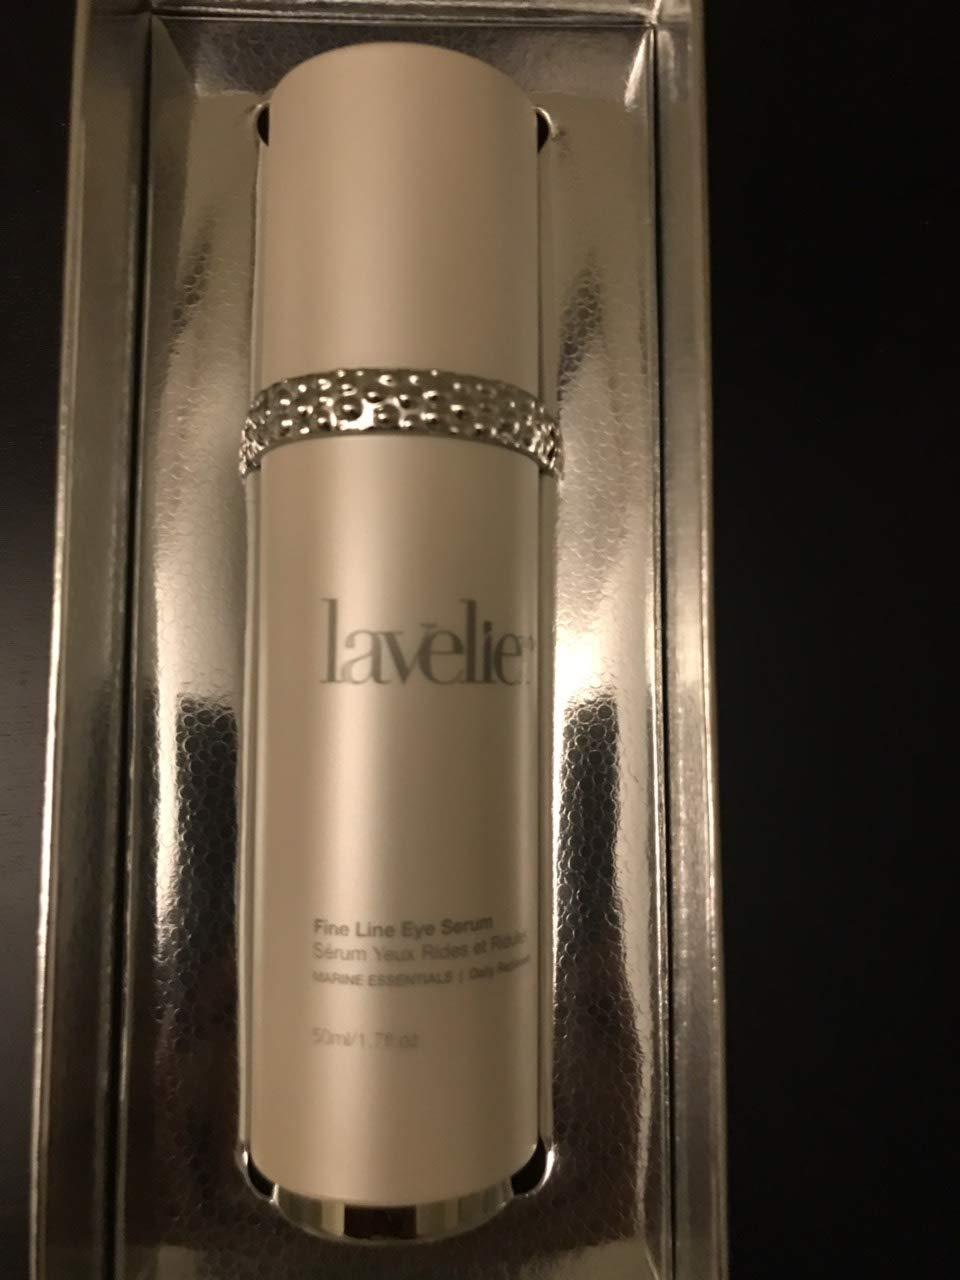 Lavelier Fine Line Eye Serum